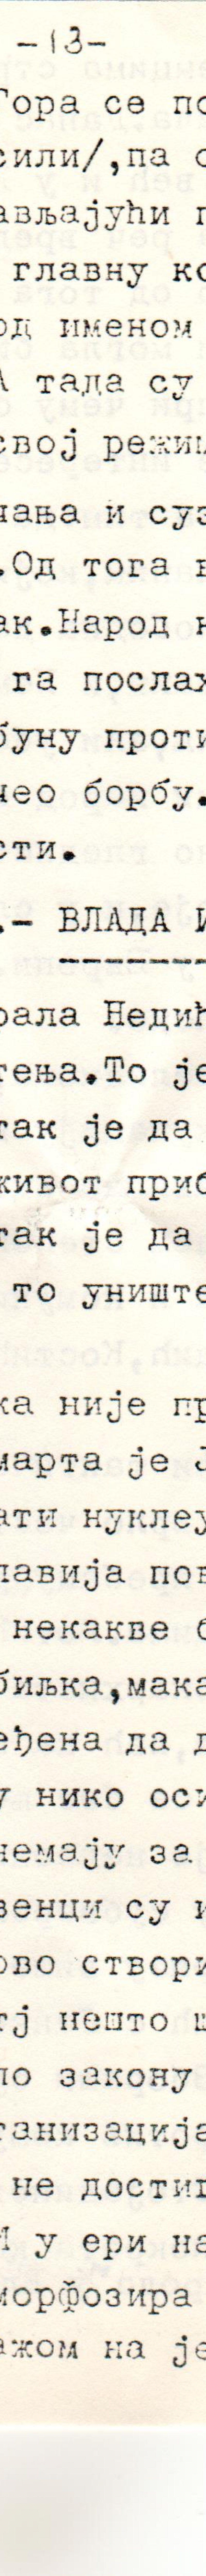 16.jpeg